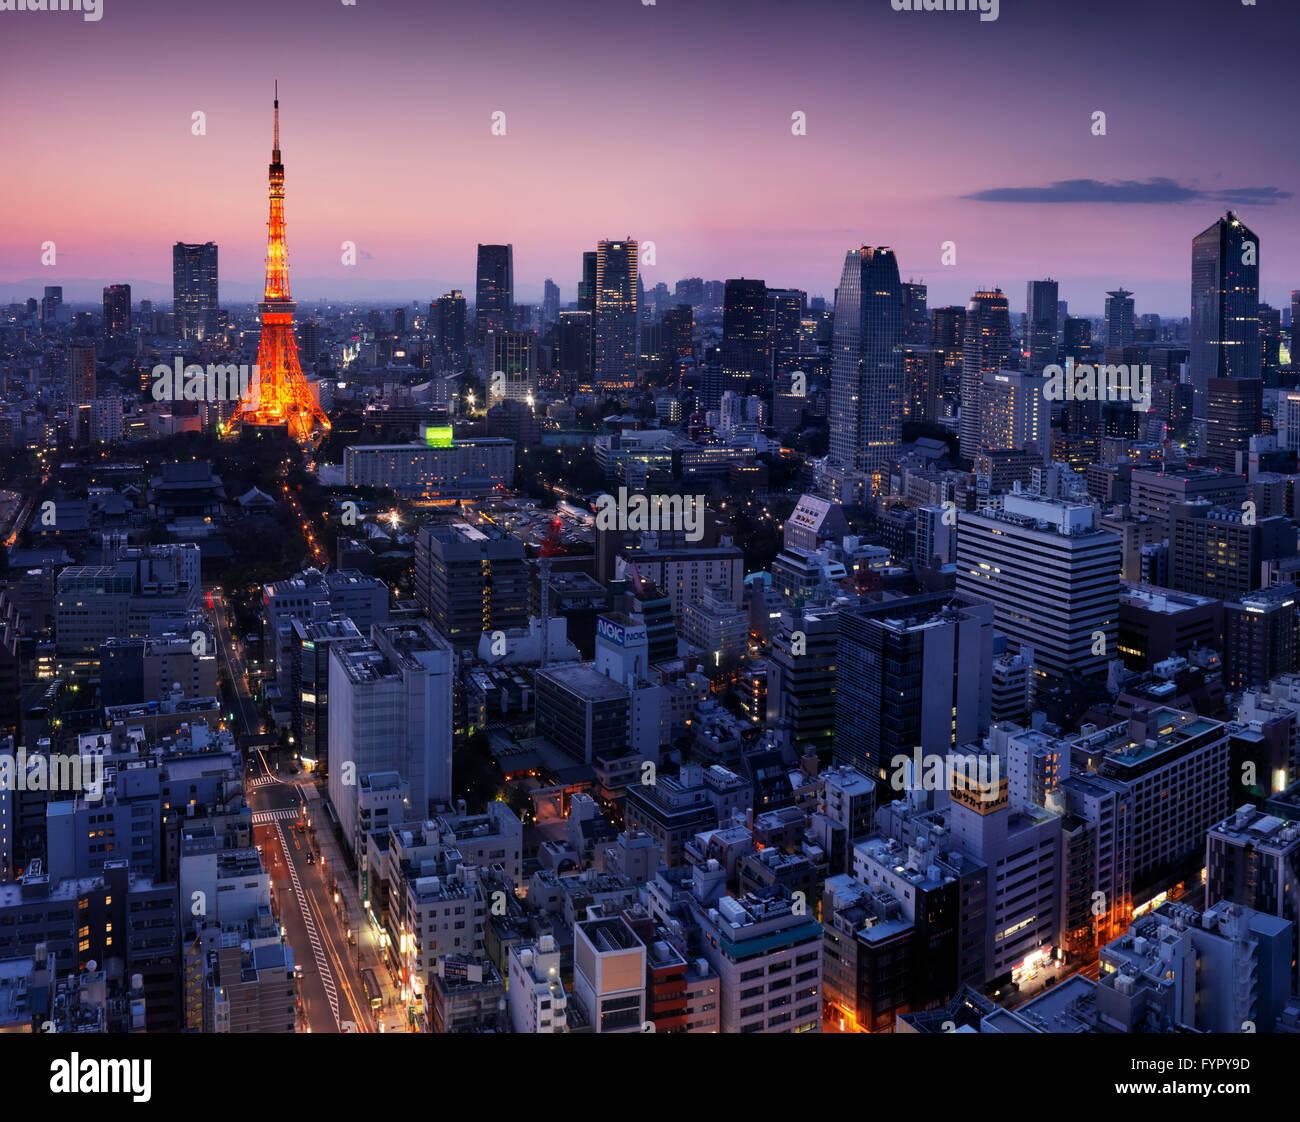 Cityscape aérienne avec la Tour de Tokyo illuminée au crépuscule, Minato, Tokyo, Japon Photo Stock